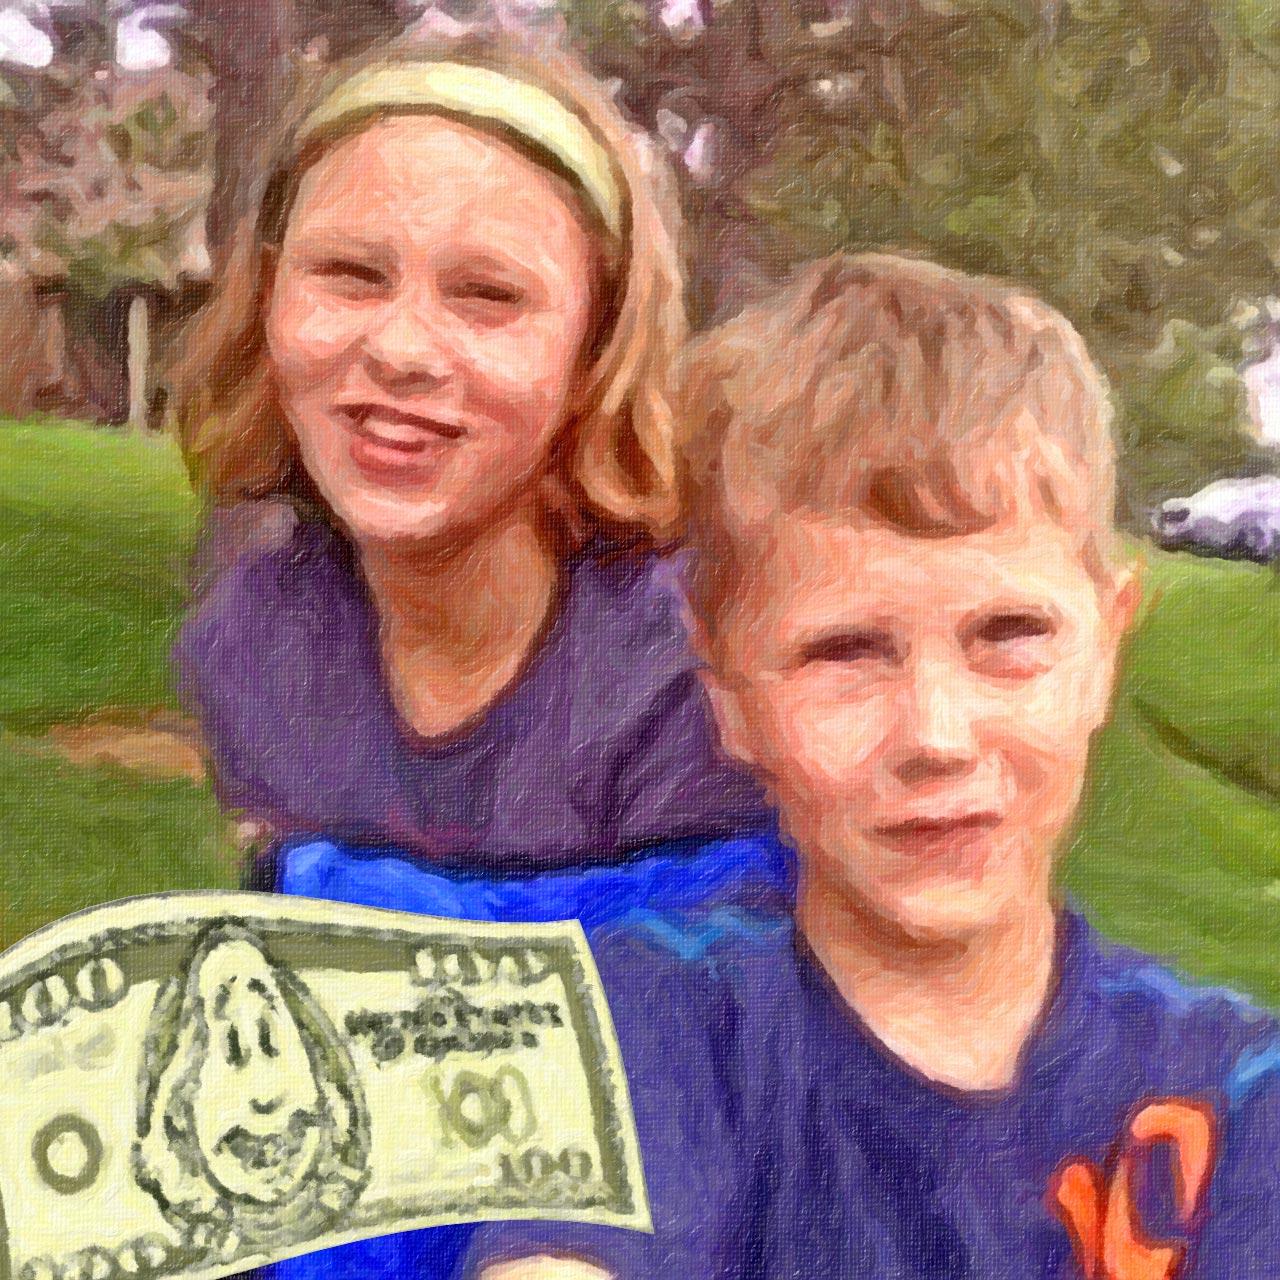 Phil Mickelson leaves $100 tip for glass of lemonade